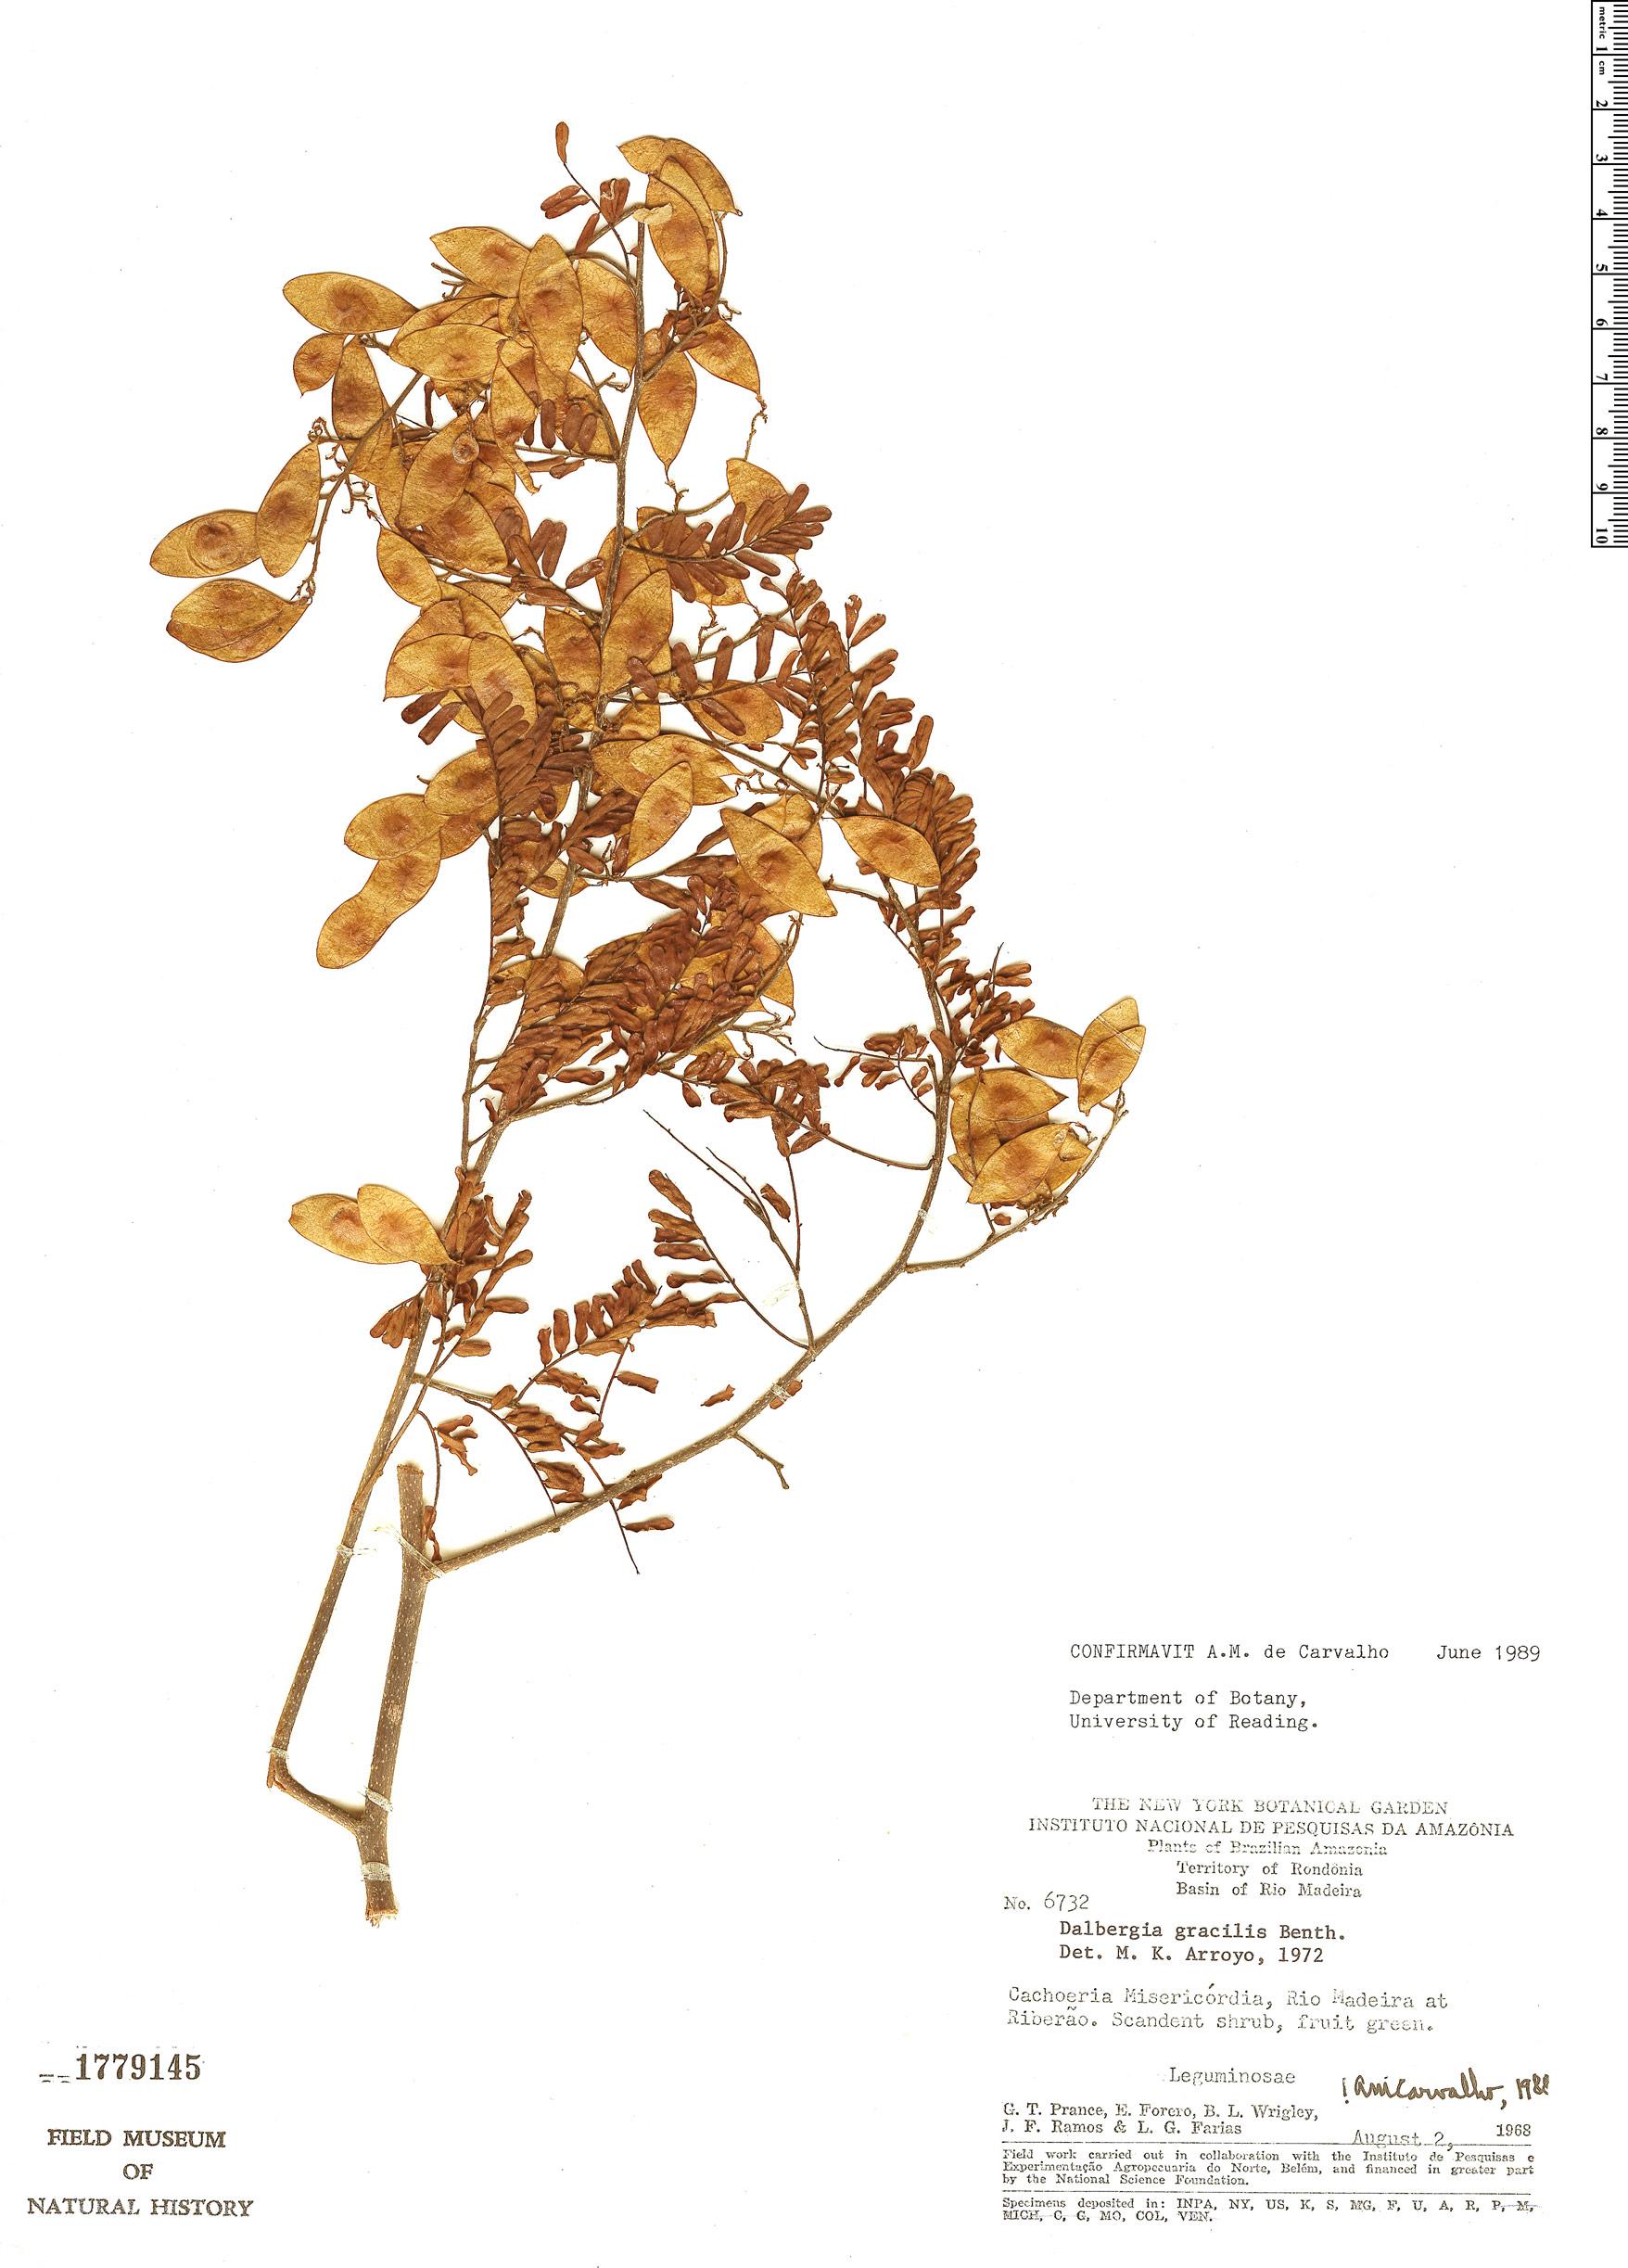 Specimen: Dalbergia gracilis